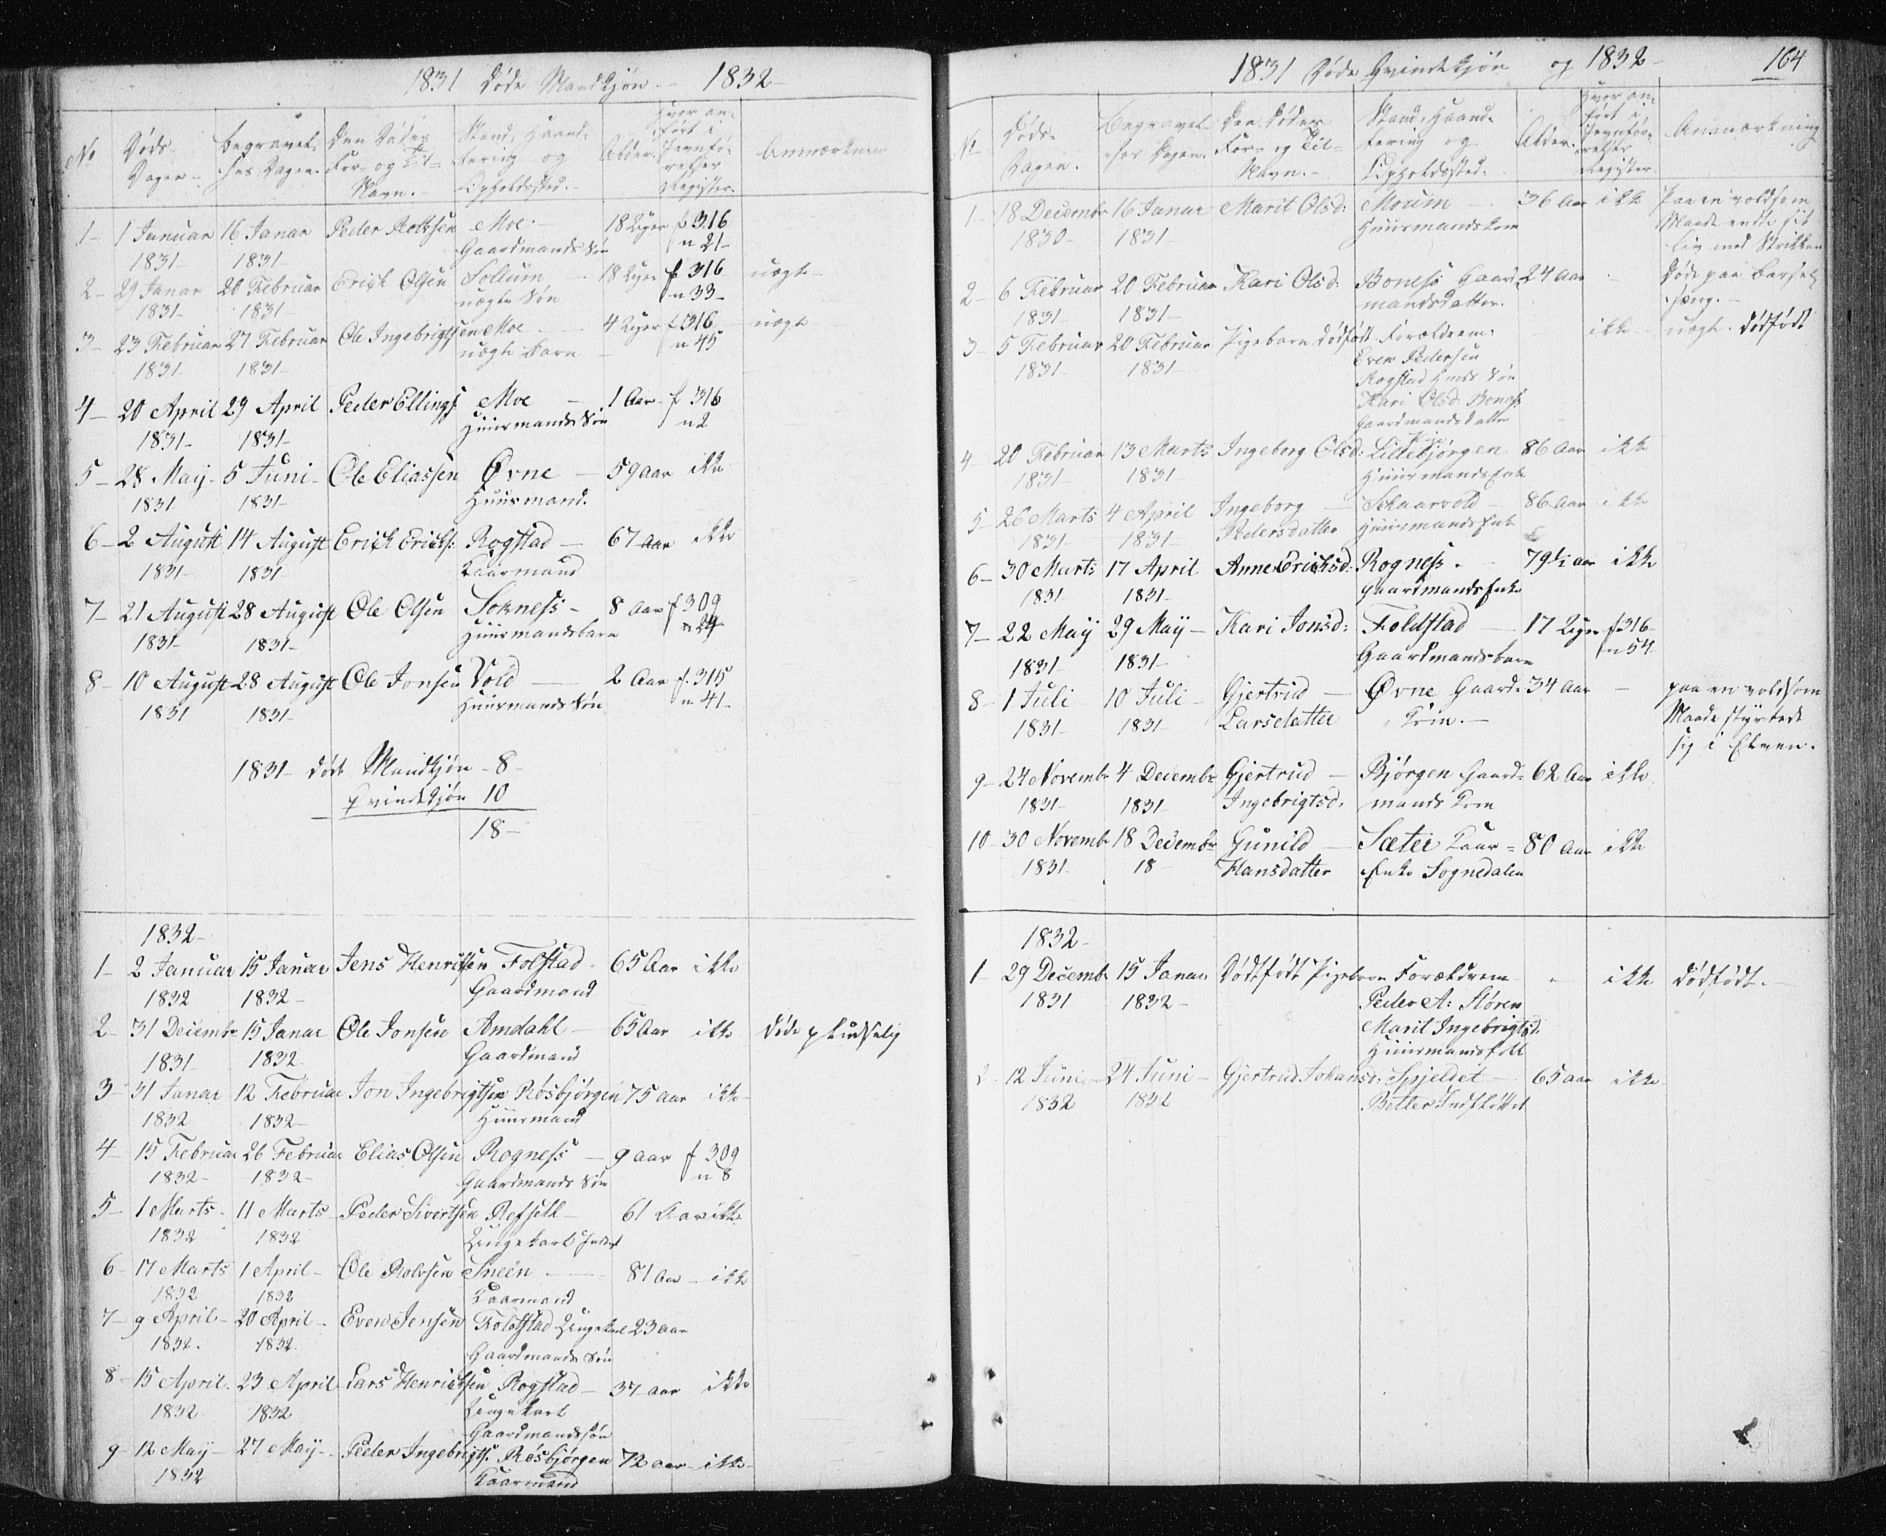 SAT, Ministerialprotokoller, klokkerbøker og fødselsregistre - Sør-Trøndelag, 687/L1017: Klokkerbok nr. 687C01, 1816-1837, s. 164